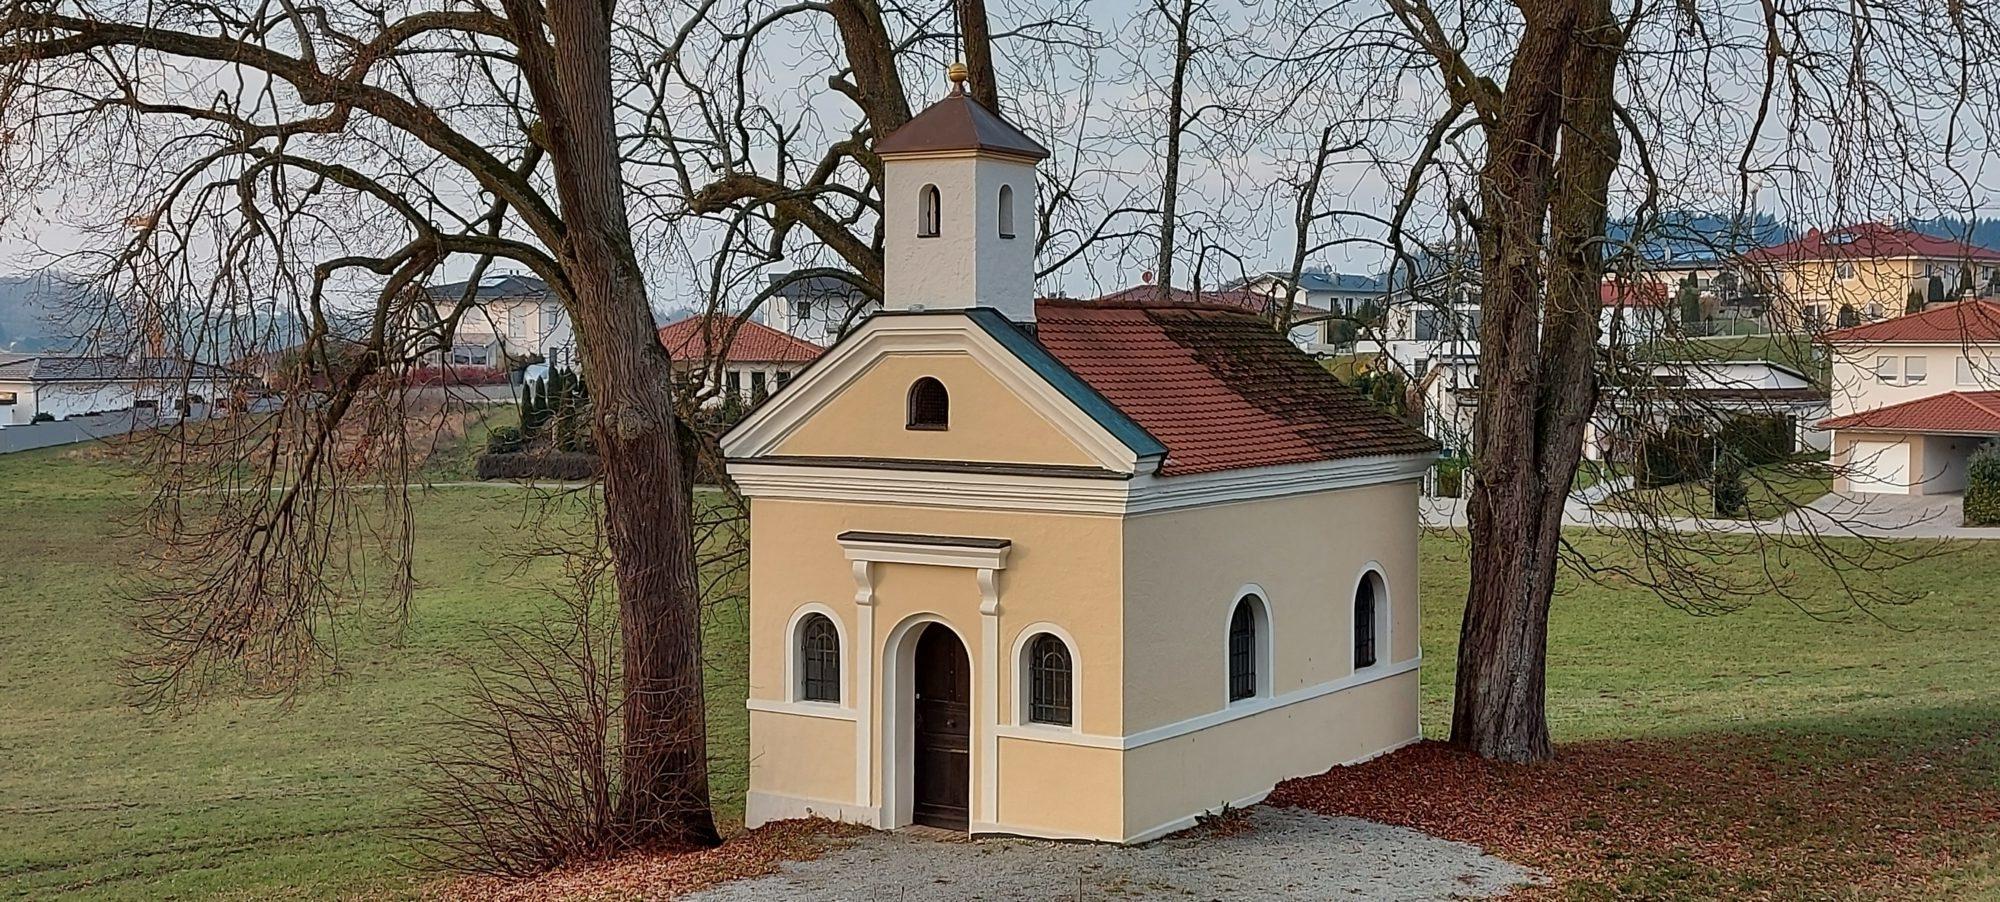 Gri Bräukapelle